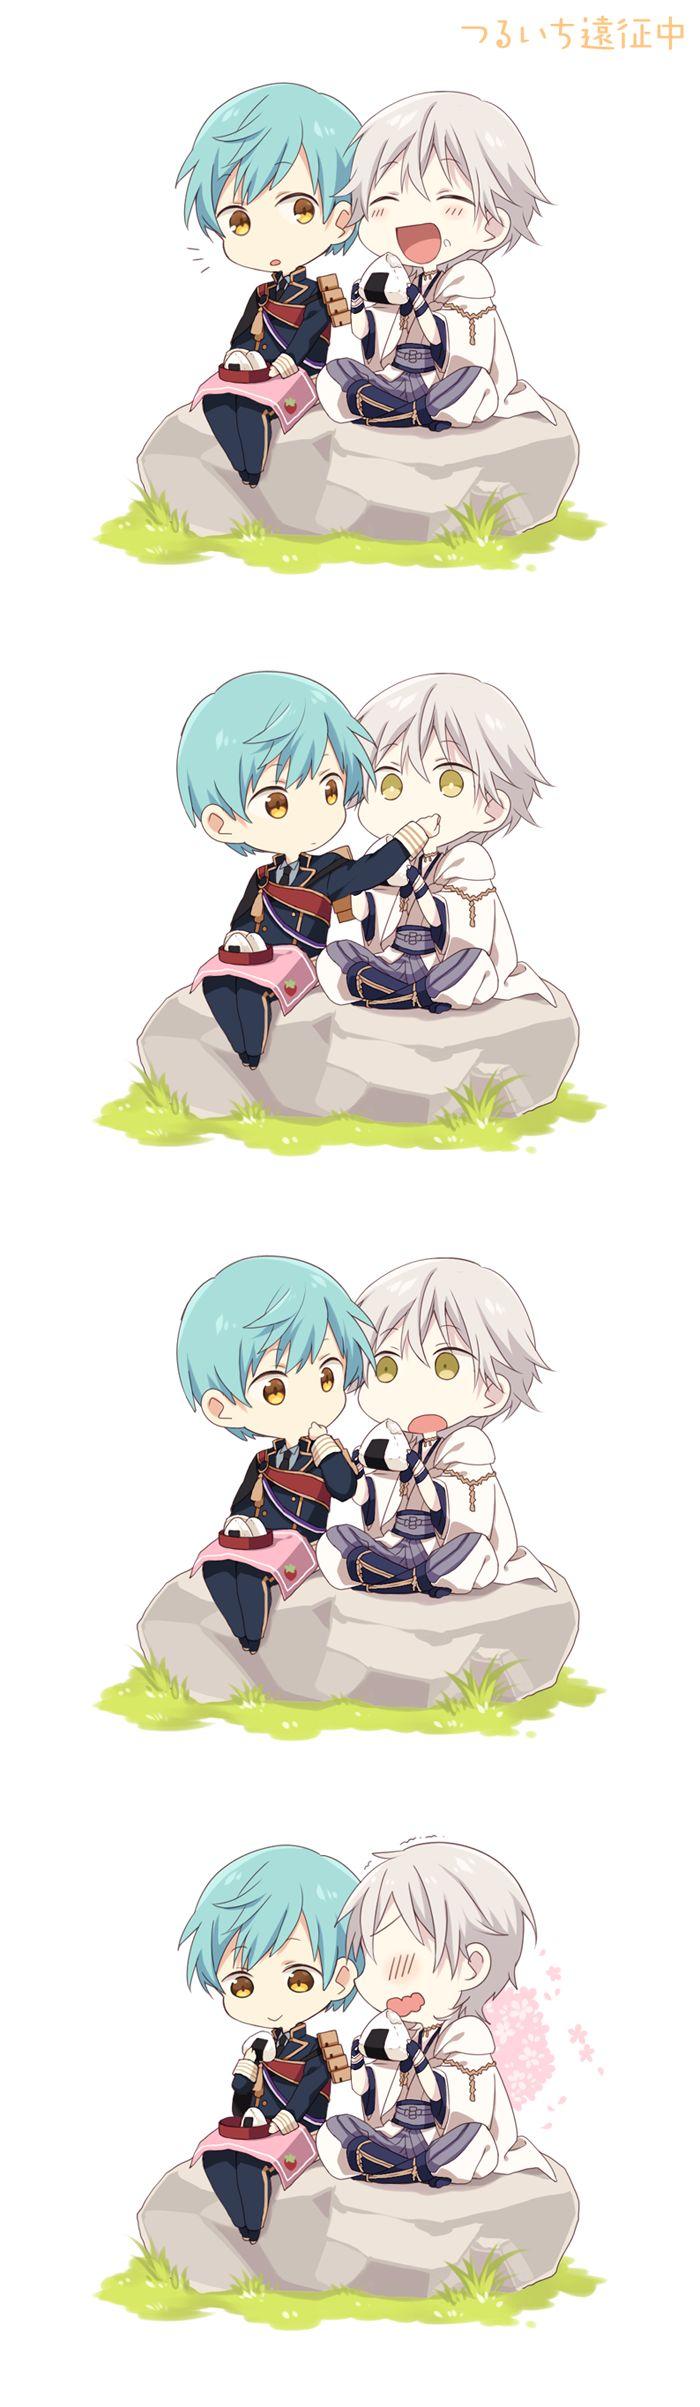 Ichigo-nii is a sly strawberry